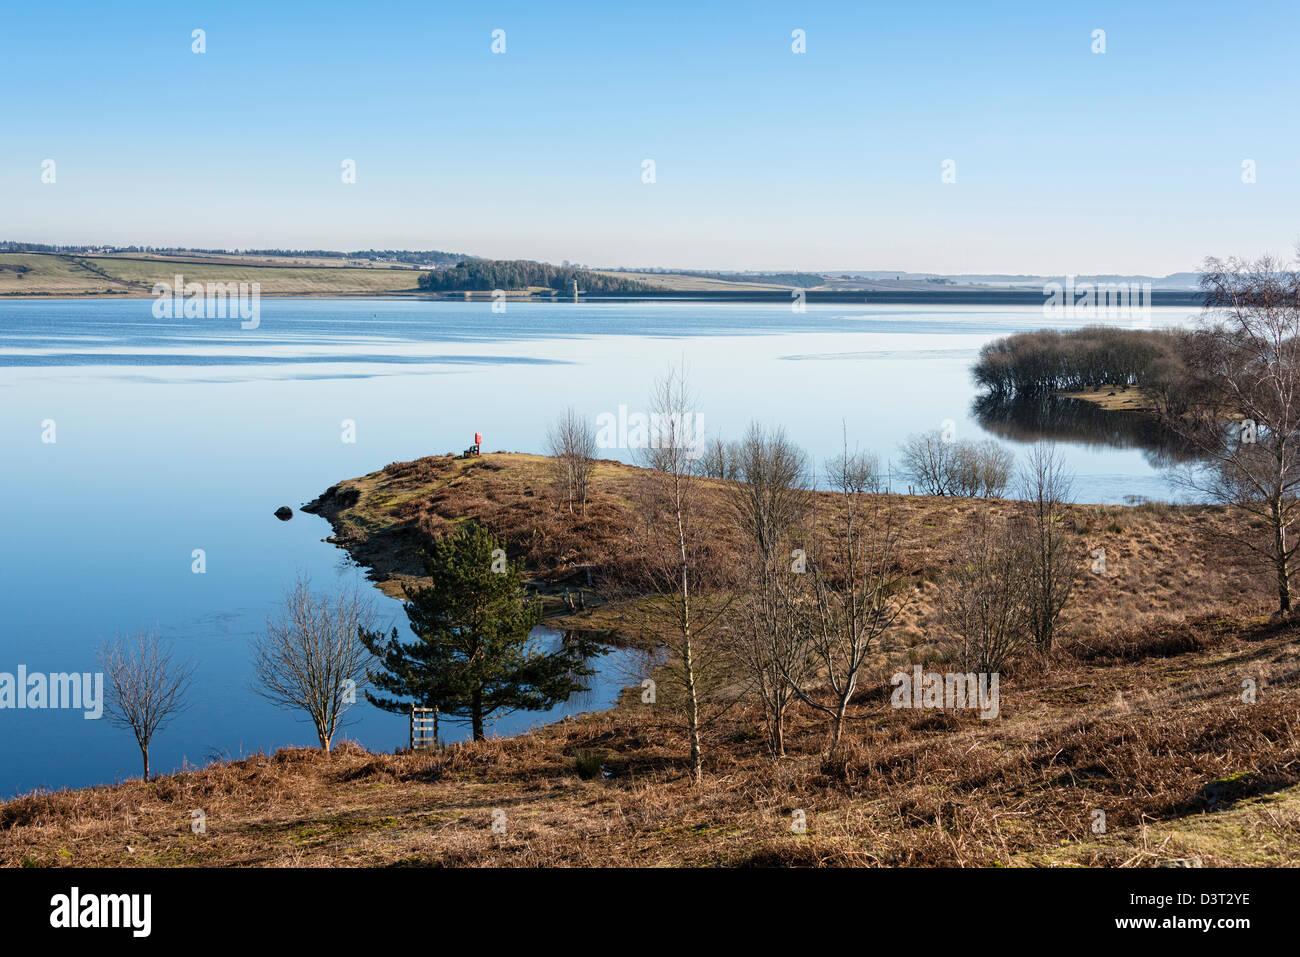 Derwent Reservoir - Stock Image